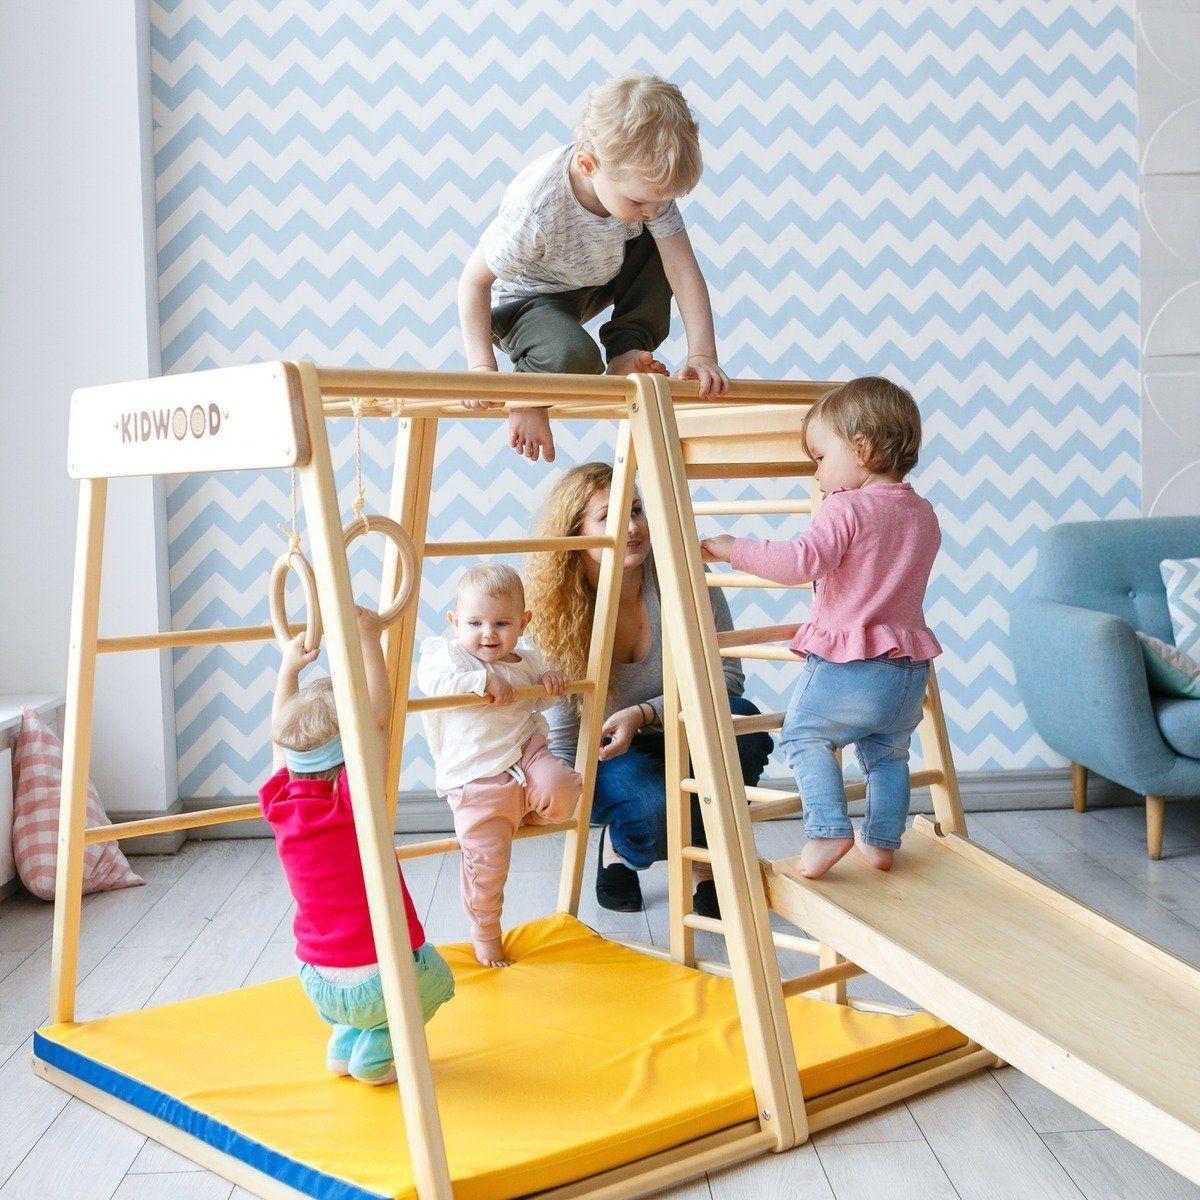 Full Size of Kidwood Klettergerst Rakete Game Set Aus Holz 6 Teilig Klettergerüst Garten Wohnzimmer Klettergerüst Indoor